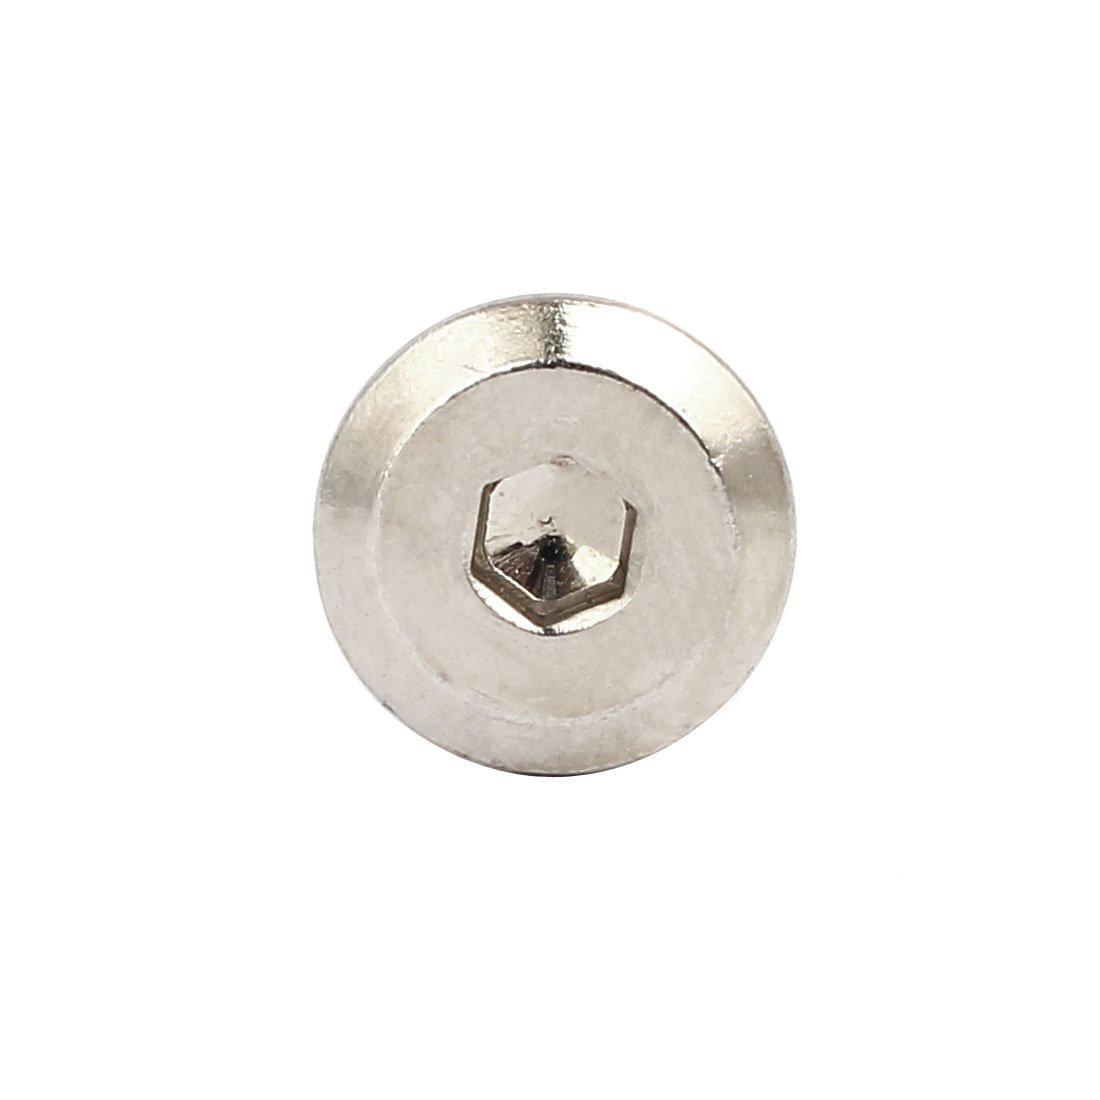 uxcell M6x30mm Male Thread Cupboard Hex Socket Head Screw Post Silver Tone 10pcs